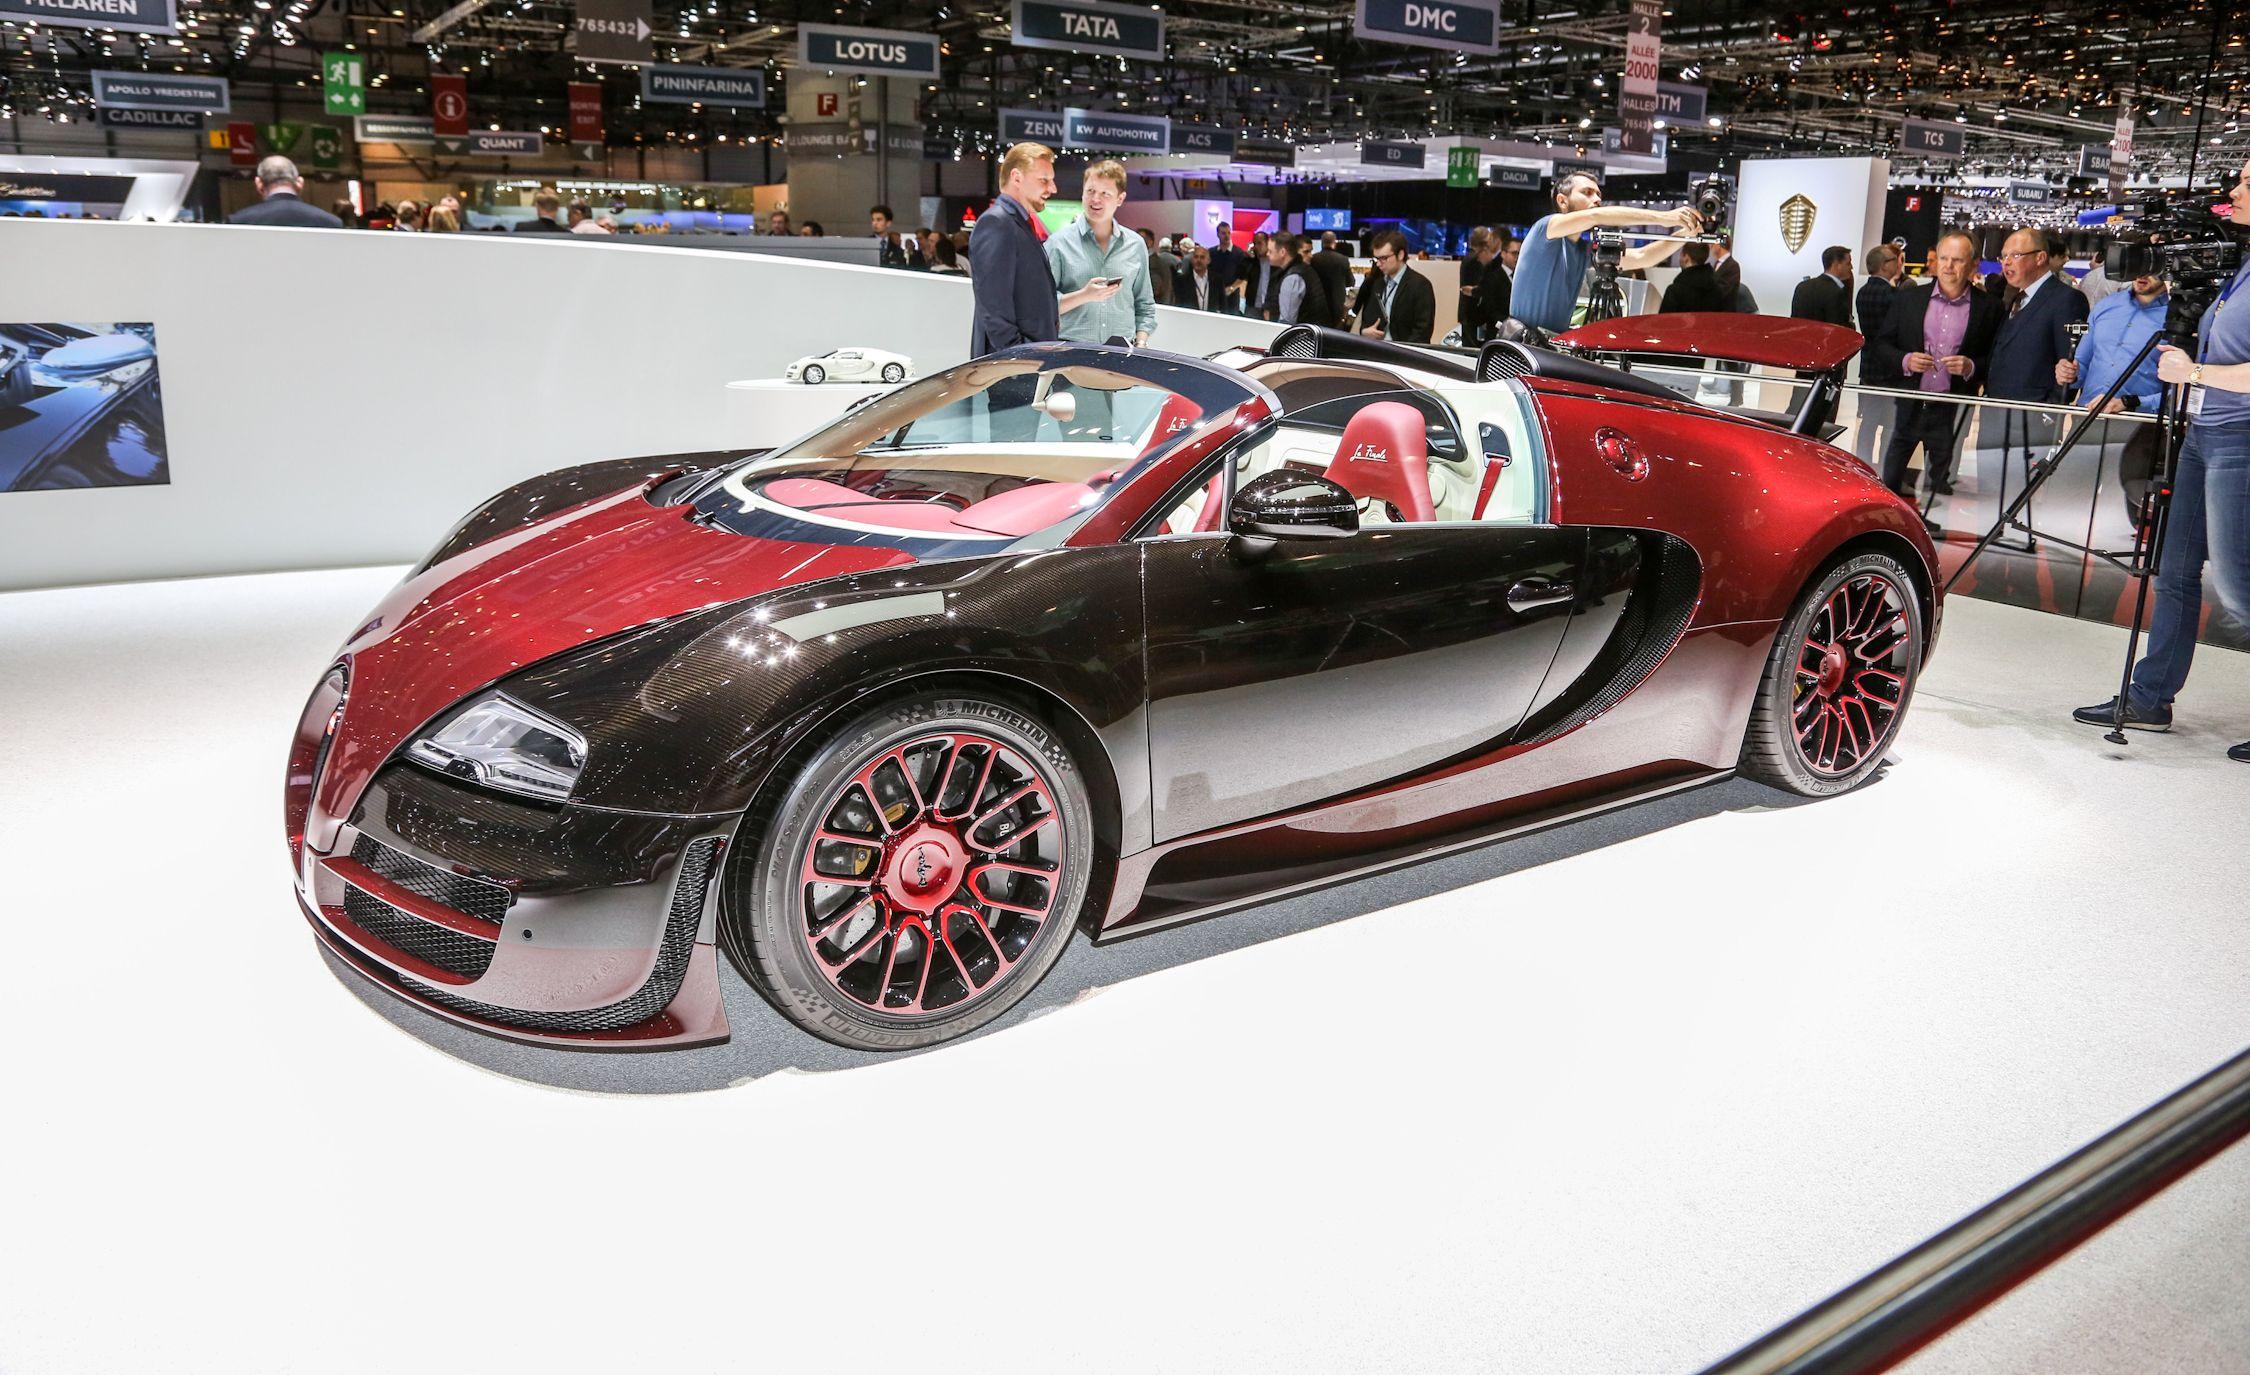 2015-Bugatti-Veyron-16-4-Grand-Sport-Vitesse-La-Finale-201 Remarkable Bugatti Veyron Grand Sport 2015 Price Cars Trend